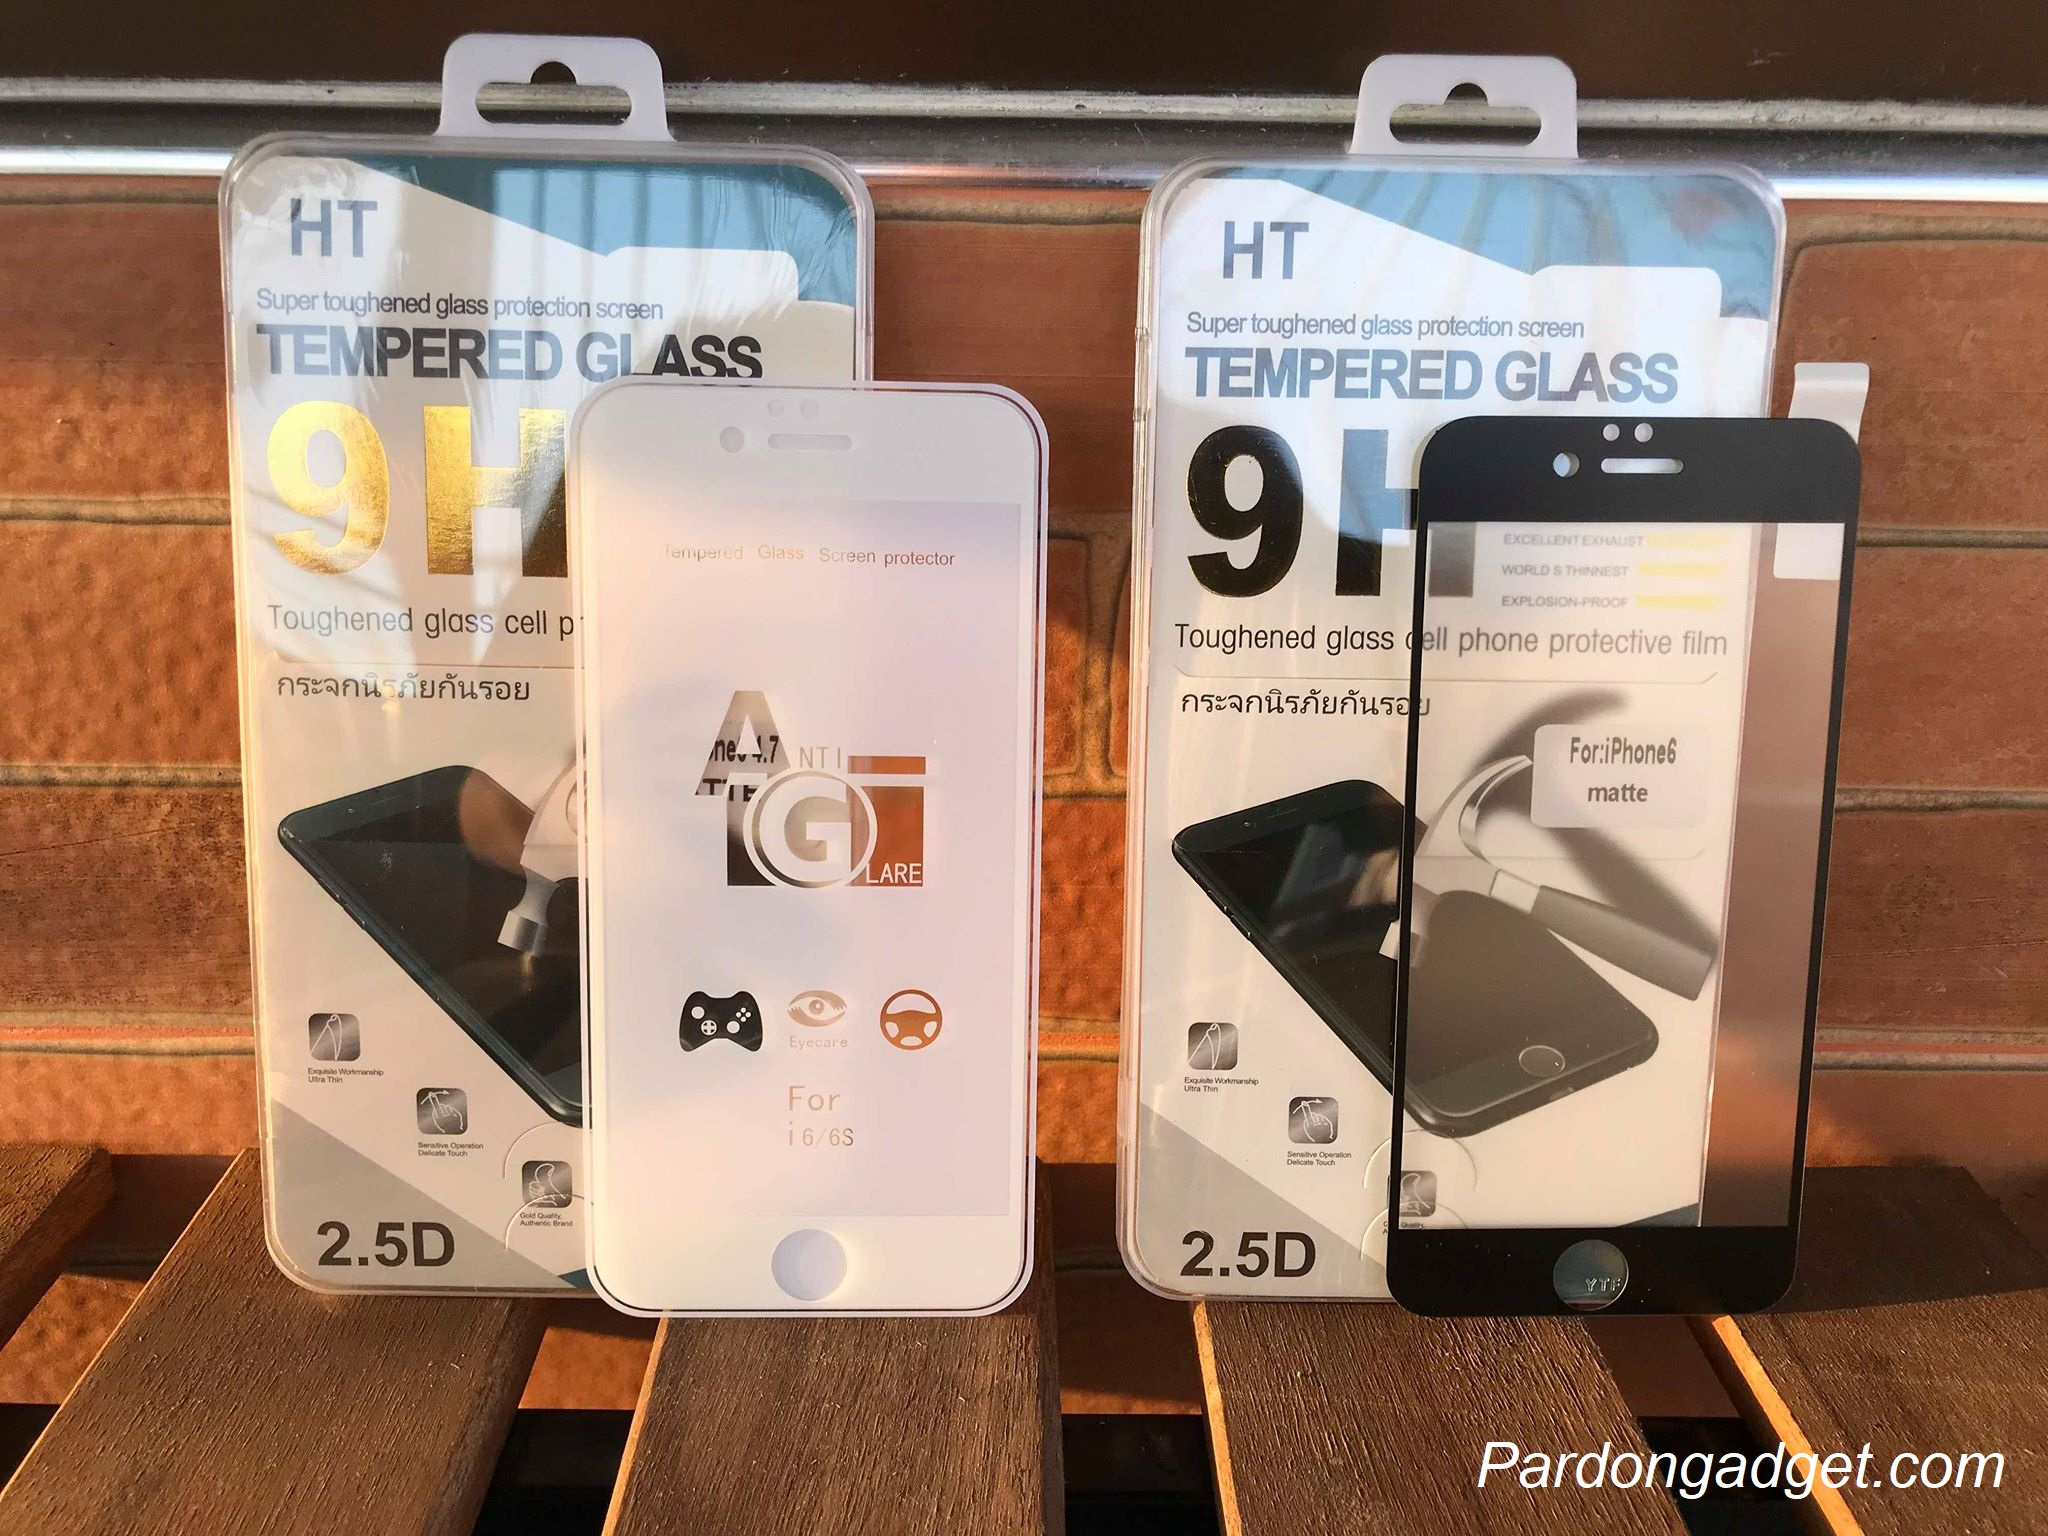 ฟิล์มกระจกด้านเต็มจอ Iphone 6/6S